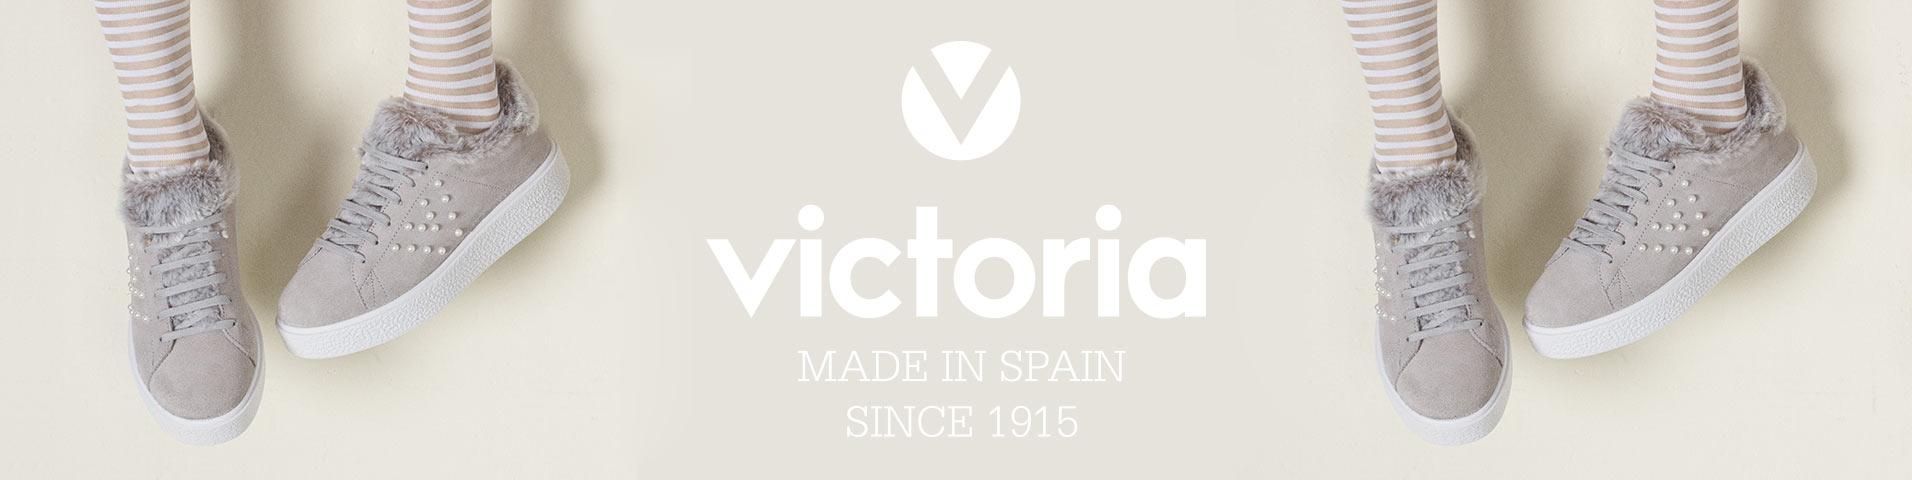 Catalogo Victoria Shoes e9f82fac843